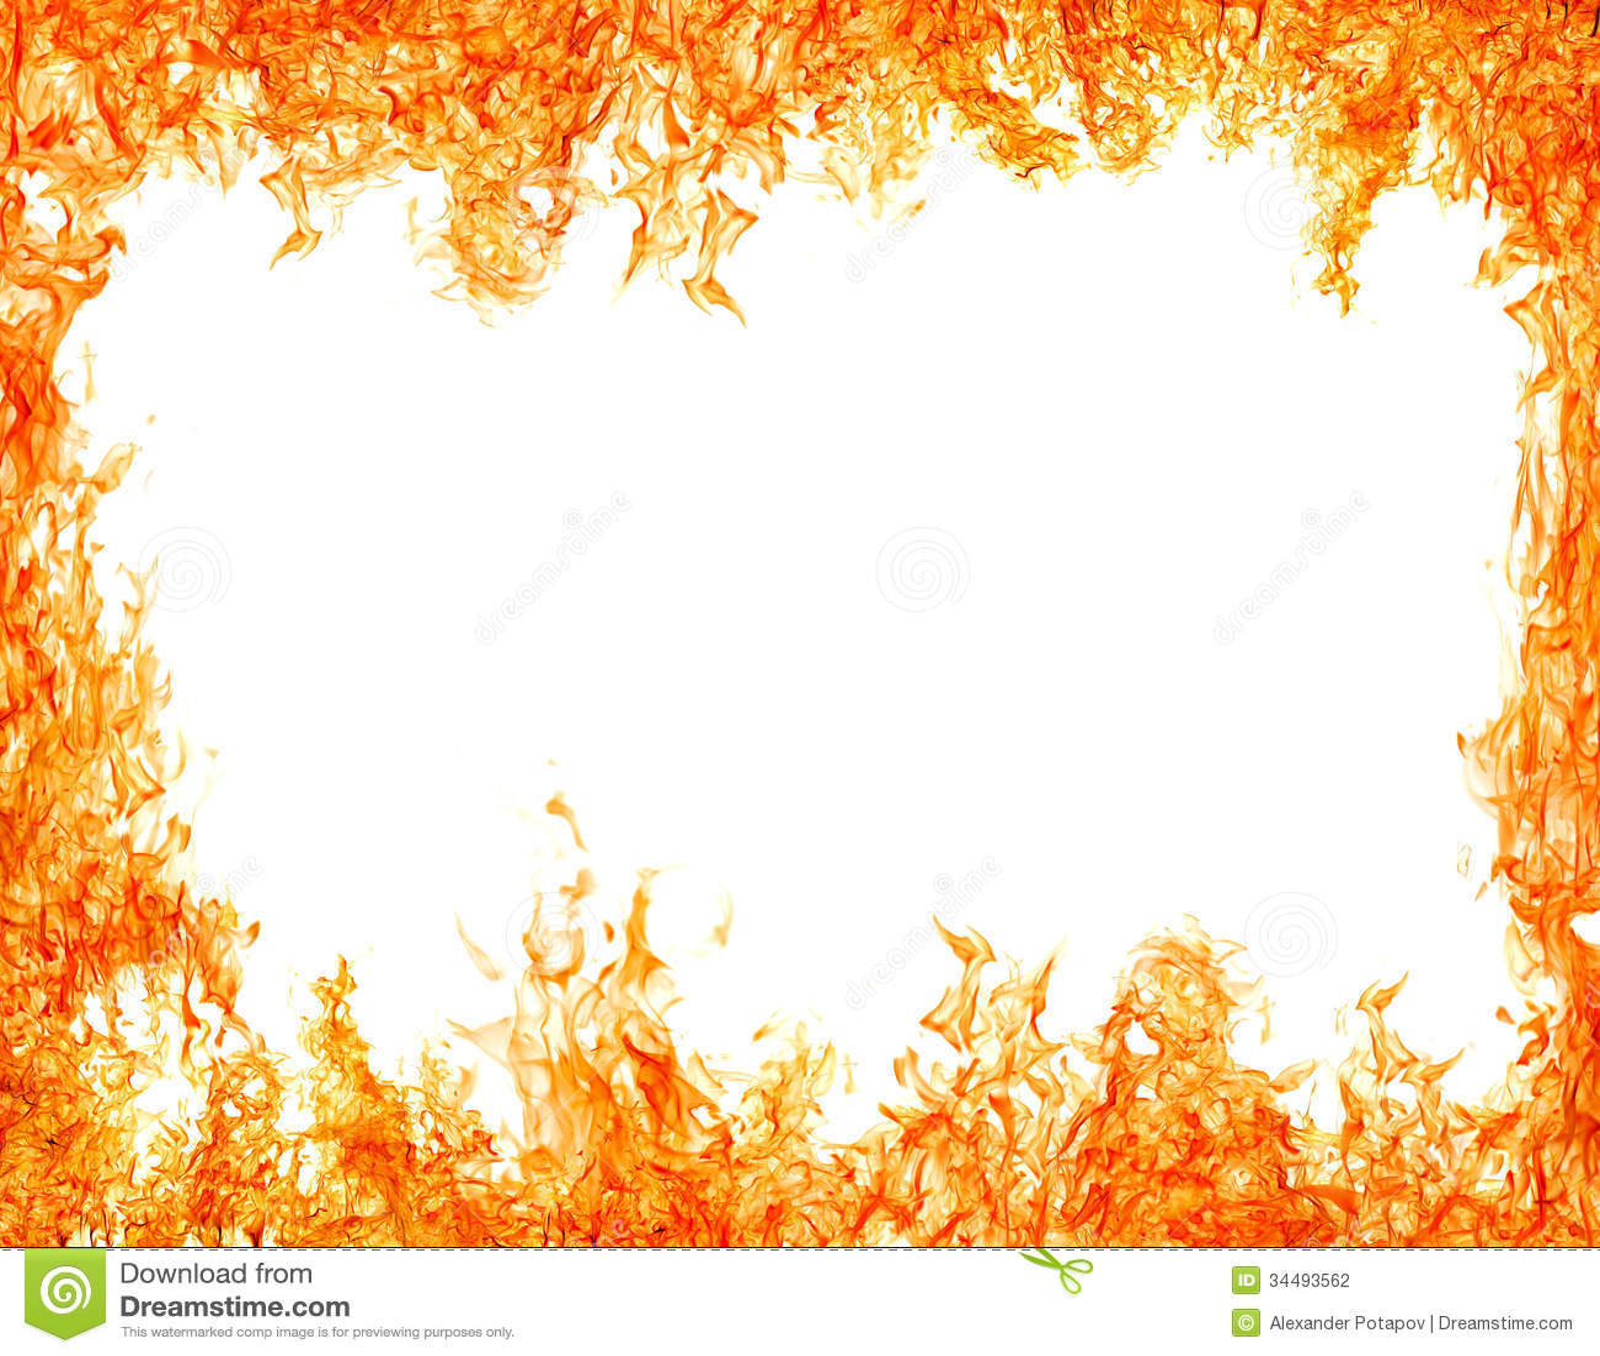 Helles Lokalisiert Auf Weiem Orange Flammenrahmen